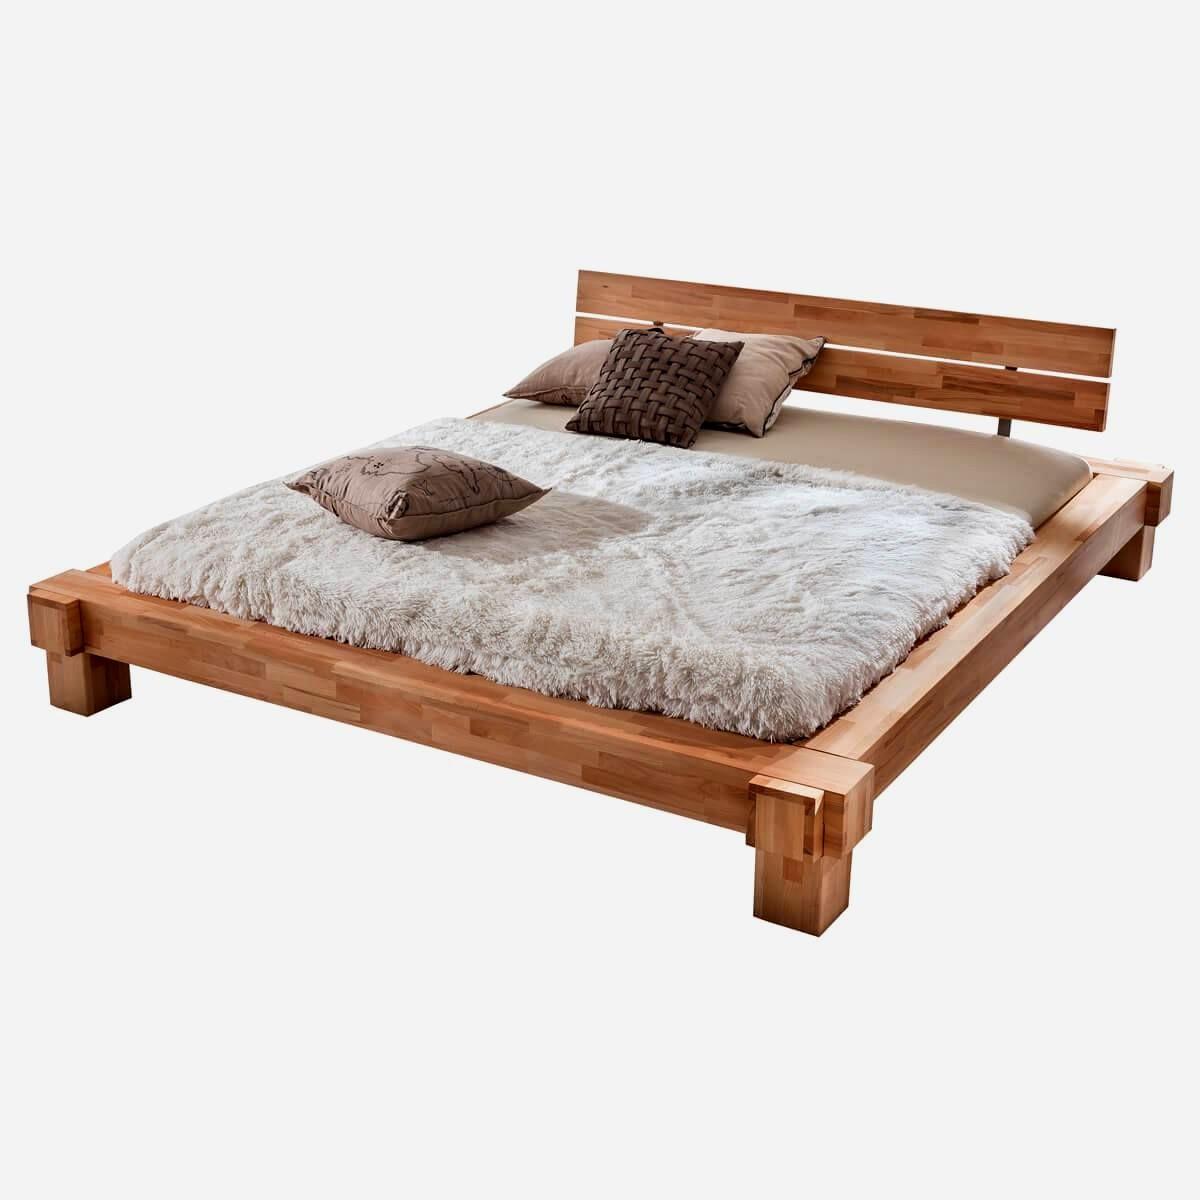 Bettgestell 1 40x2 00  Wohnkultur Bett 1 40x2 00 140x200 Holz Schon Lounge 0d